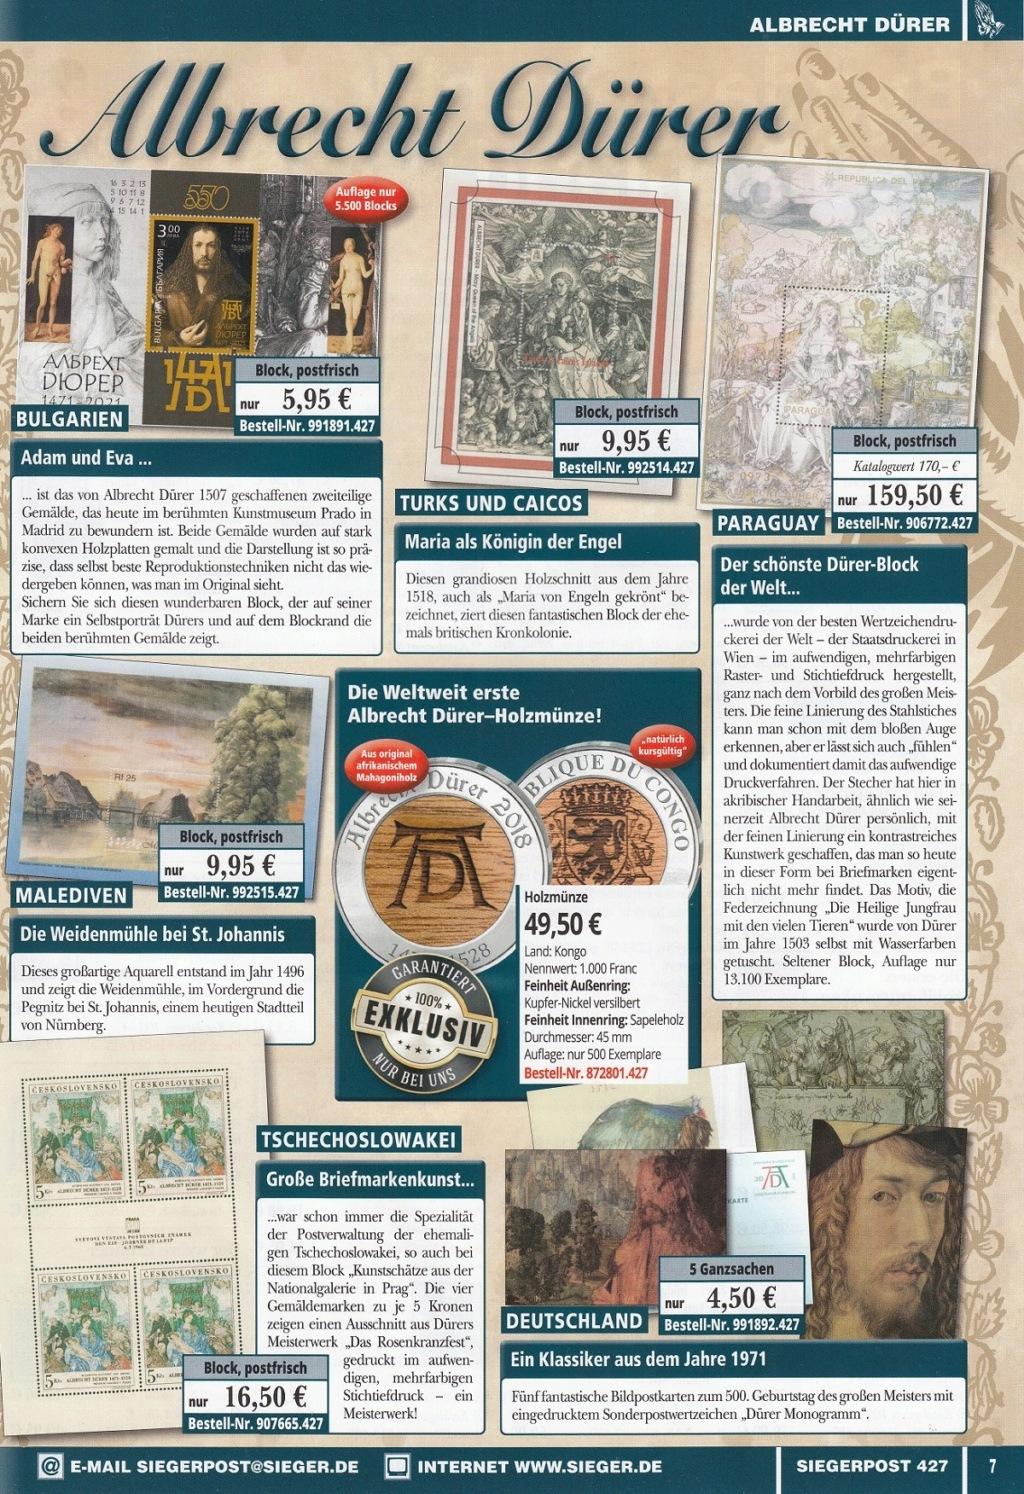 Albrecht Dürer - Seite 2 Ad5610